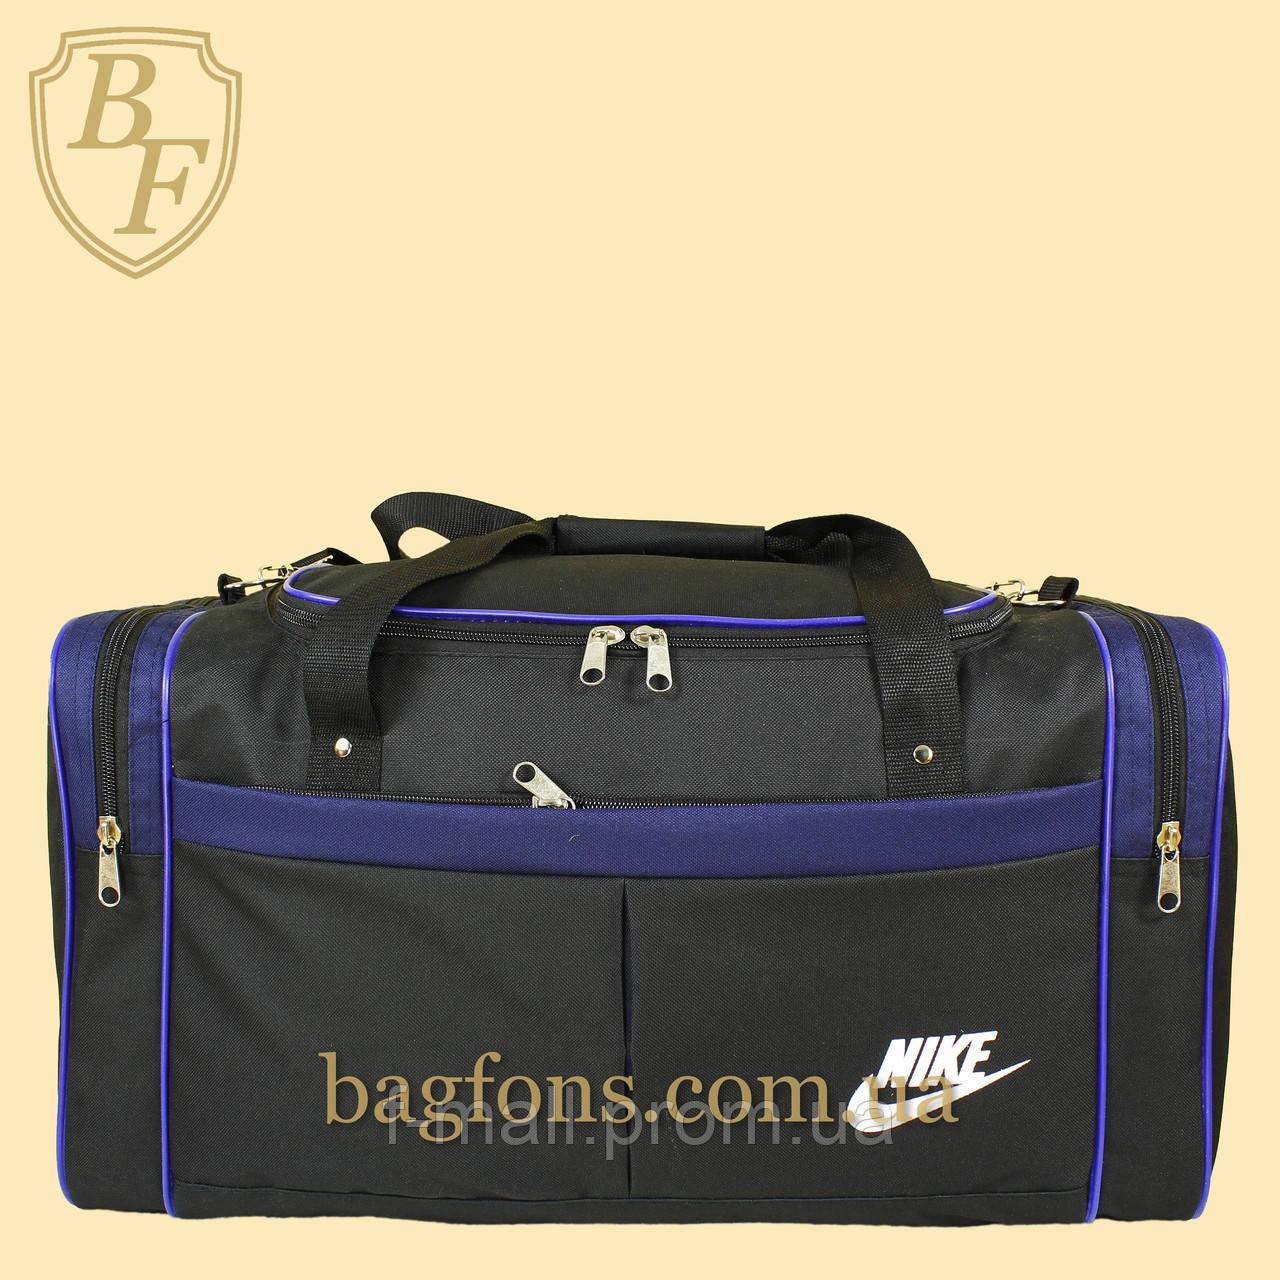 Дорожная спортивная сумка  NIKE черная с синим -30л.